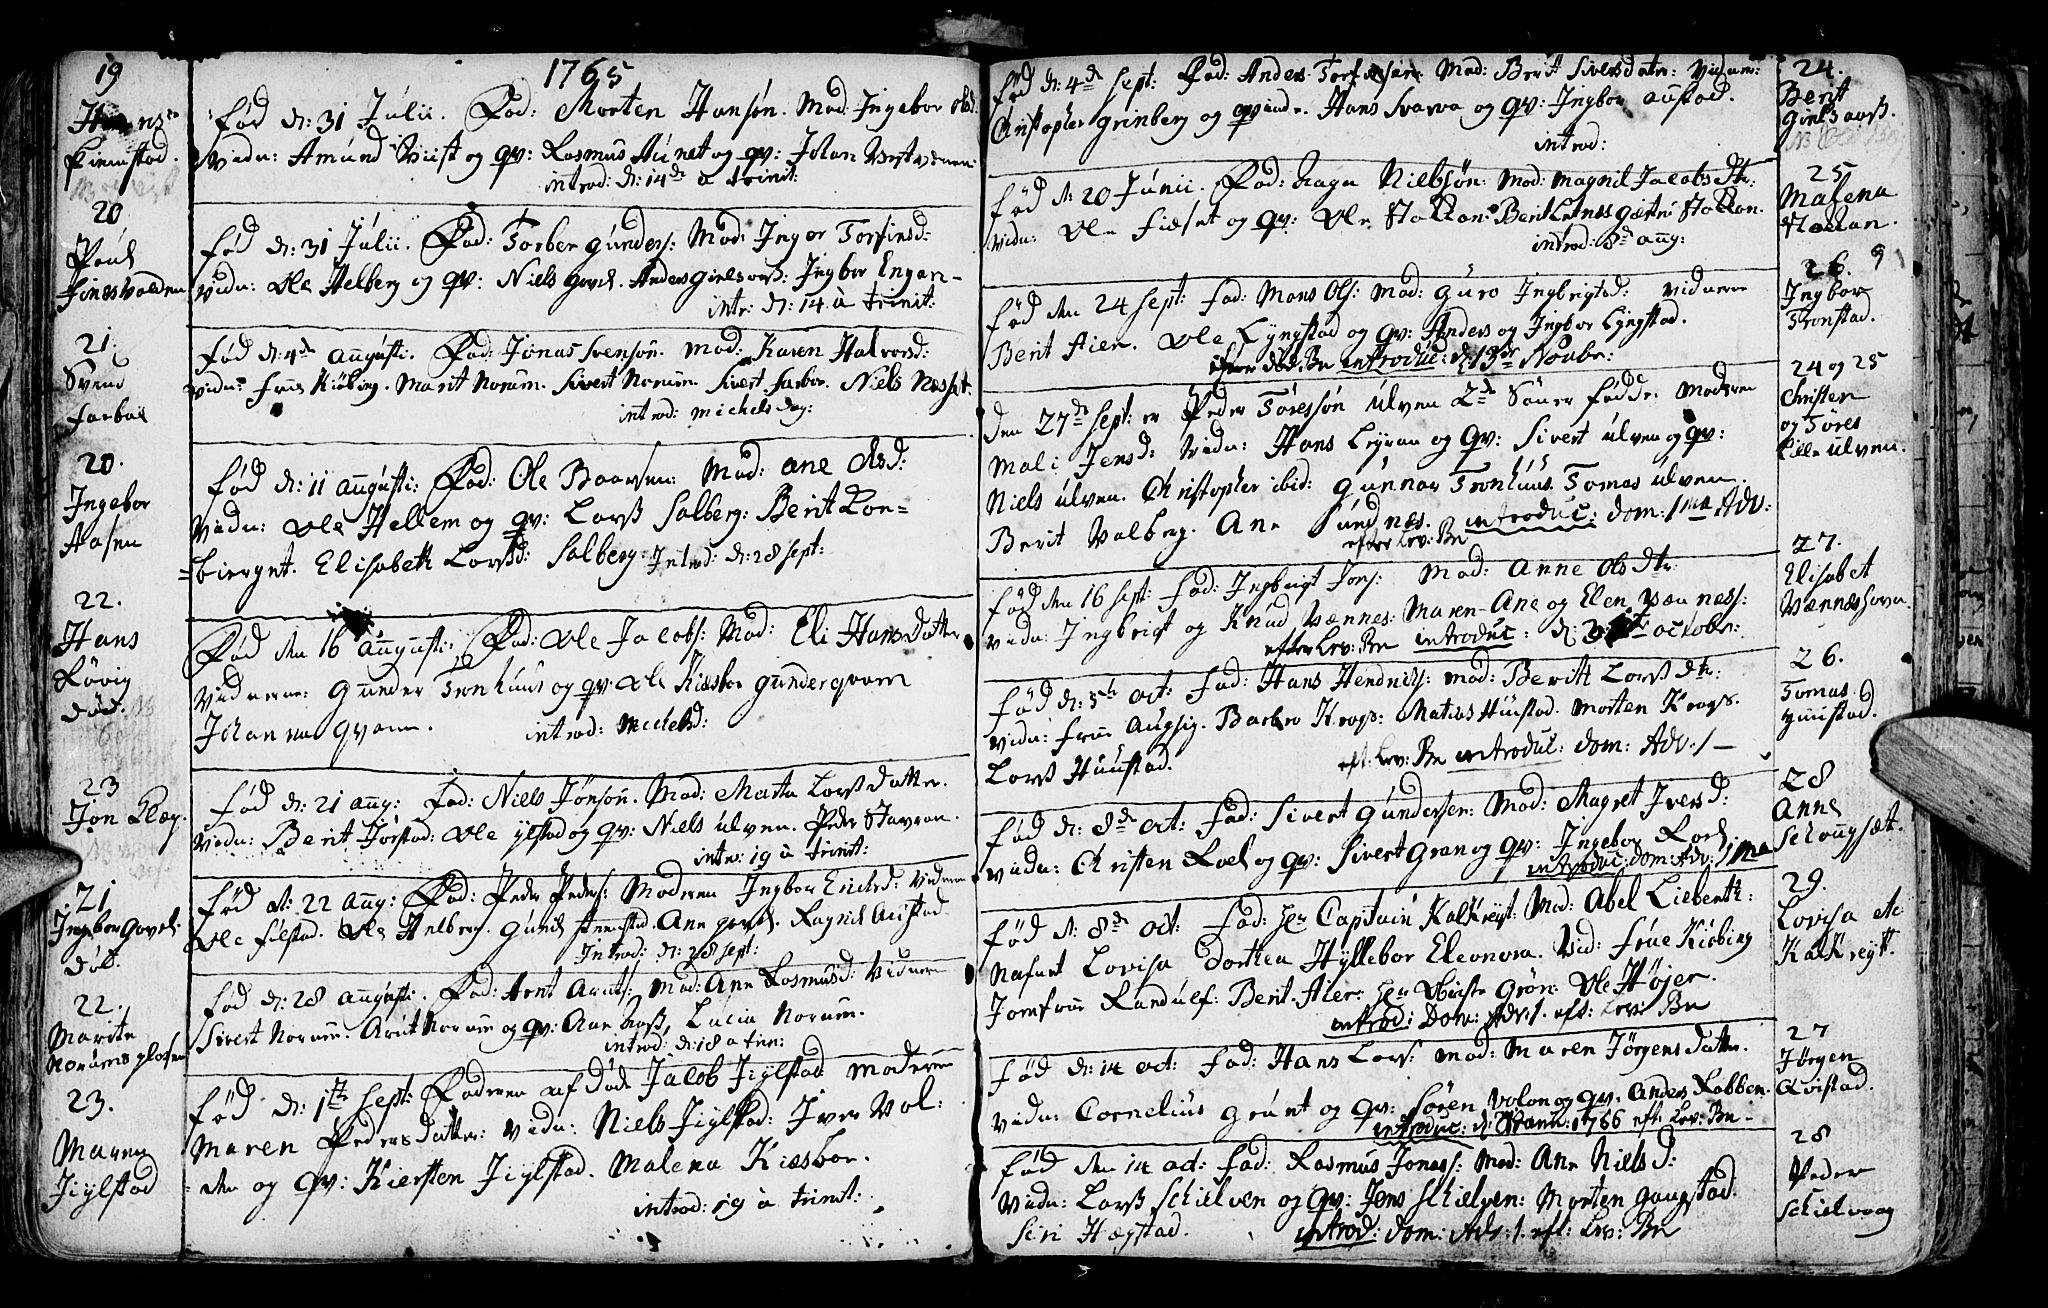 SAT, Ministerialprotokoller, klokkerbøker og fødselsregistre - Nord-Trøndelag, 730/L0273: Ministerialbok nr. 730A02, 1762-1802, s. 91